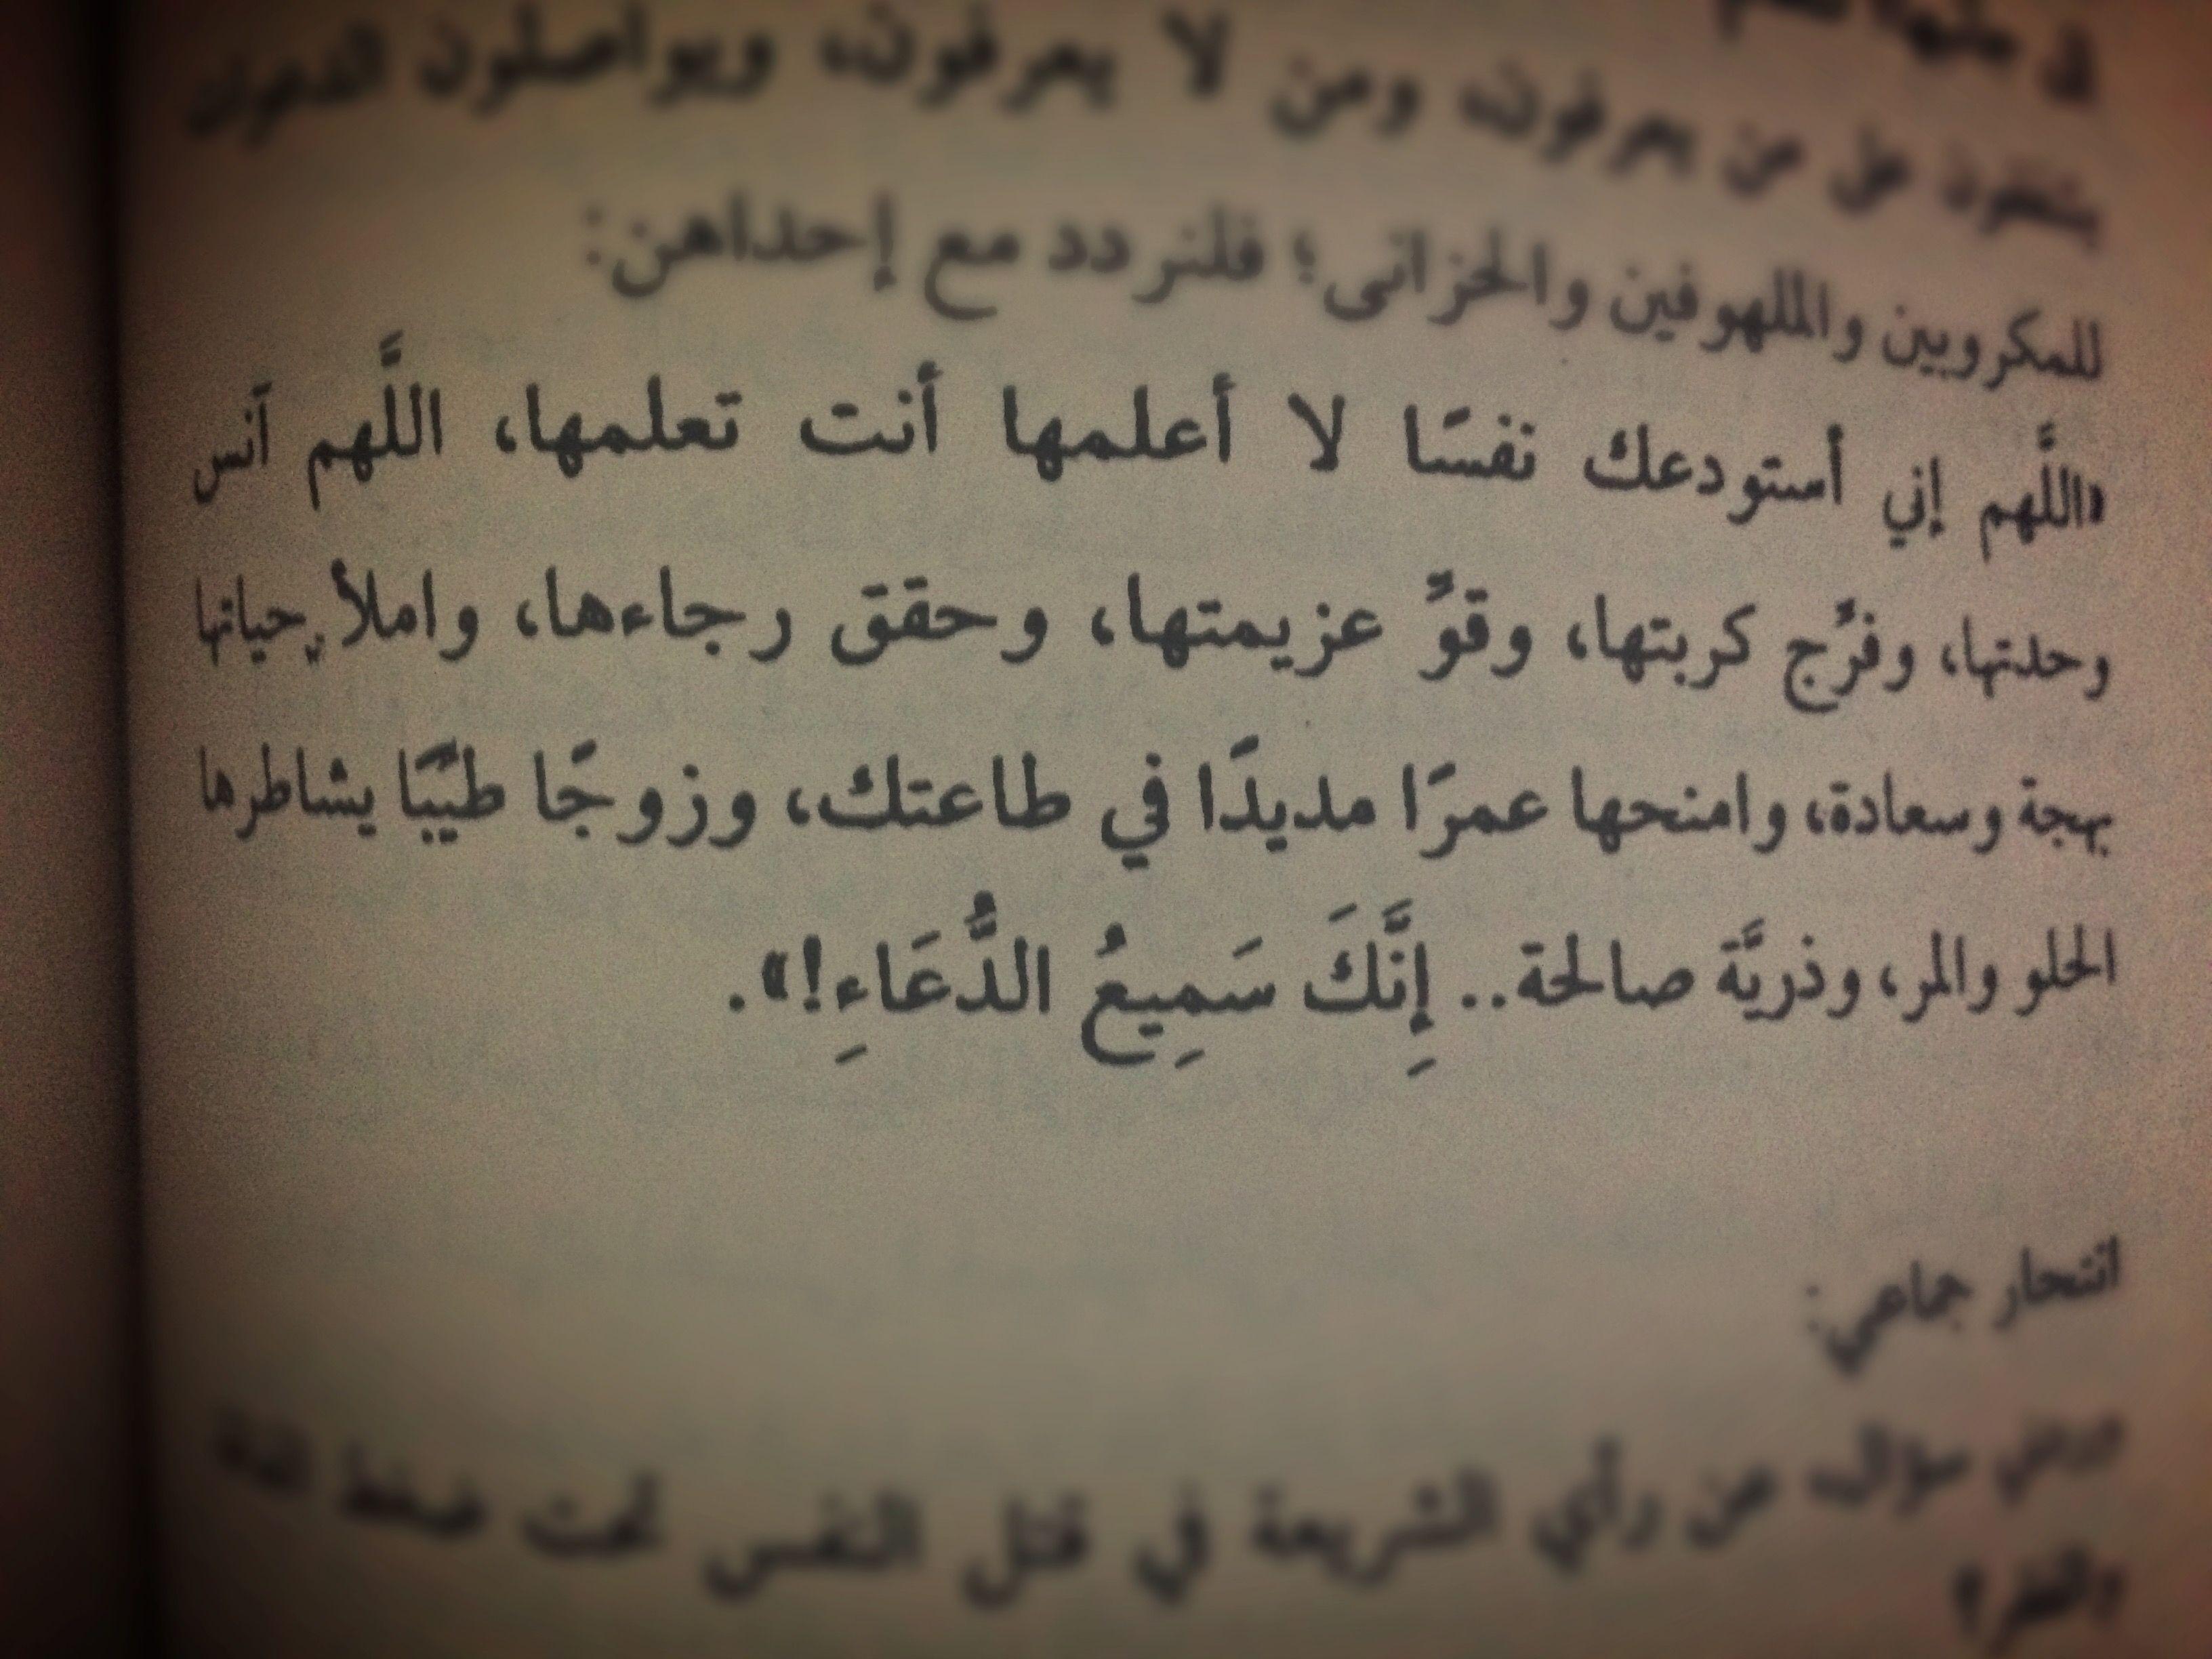 دعاء بالغيب محبة صداقة من كتاب انا واخواتها سلمان العودة Tattoo Quotes Quotes Arabic Calligraphy